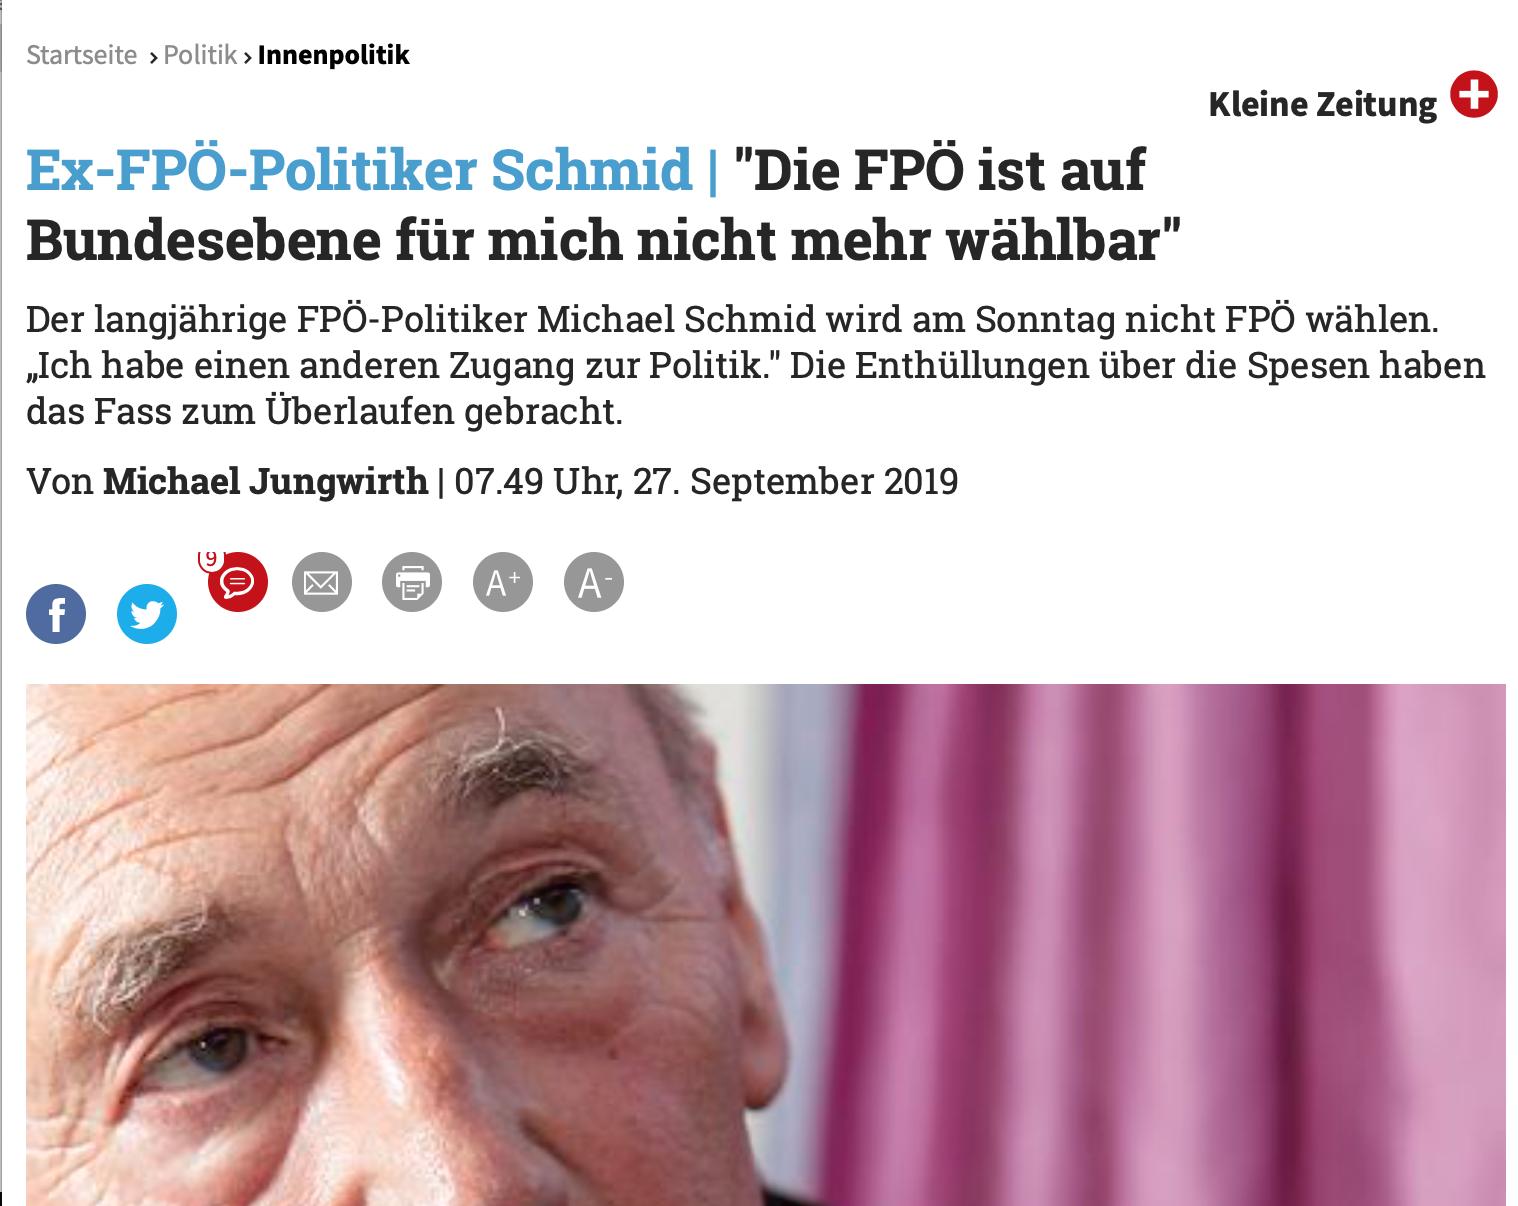 """Michael Schmid: """"Die FPÖ ist für mich auf Bundesebene nicht wählbar"""" (Kleine Zeitung)"""